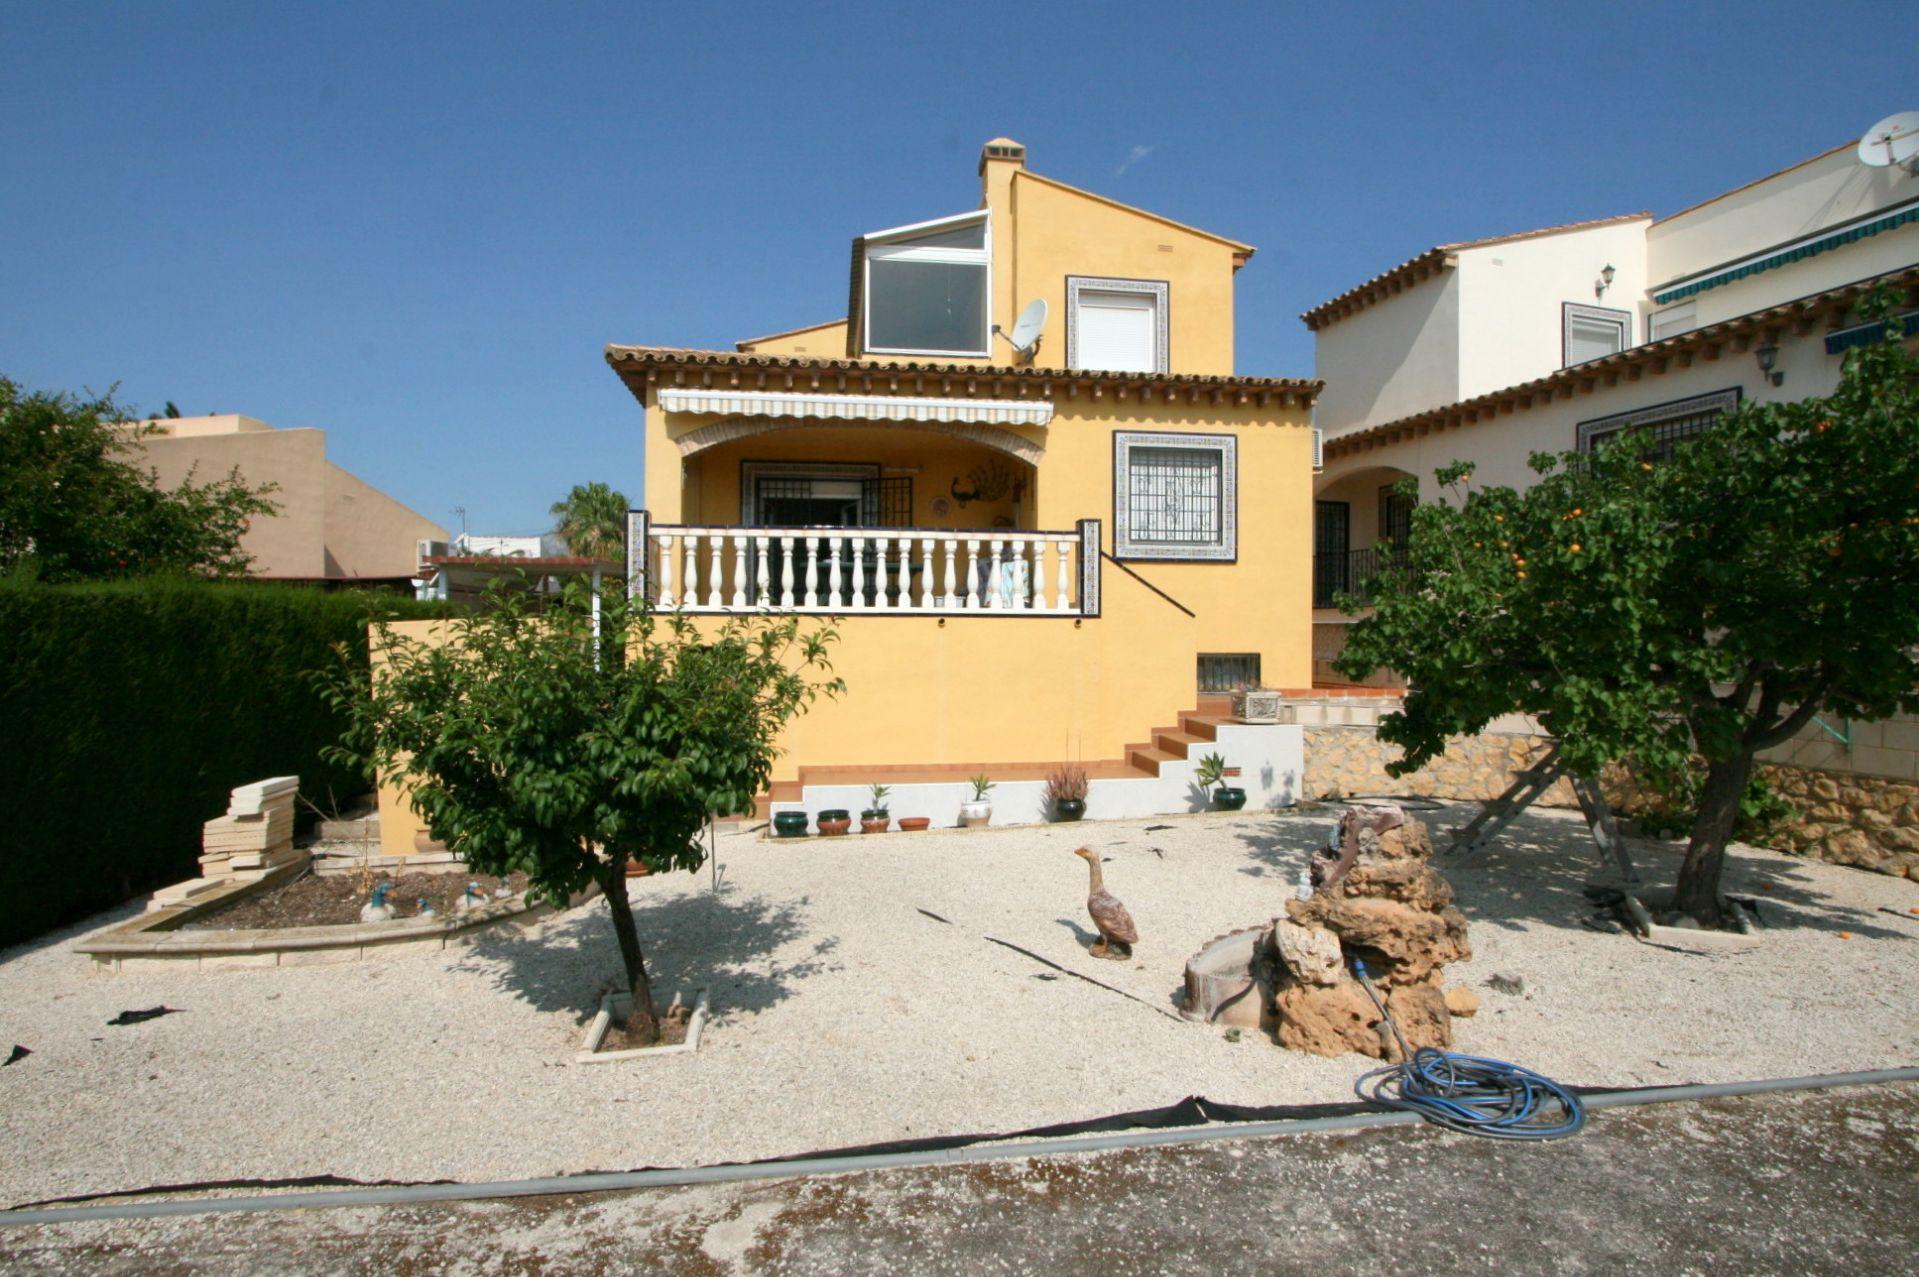 Schöne gepflegte Villa in zentraler Lage zwischen Altea und La Nucia